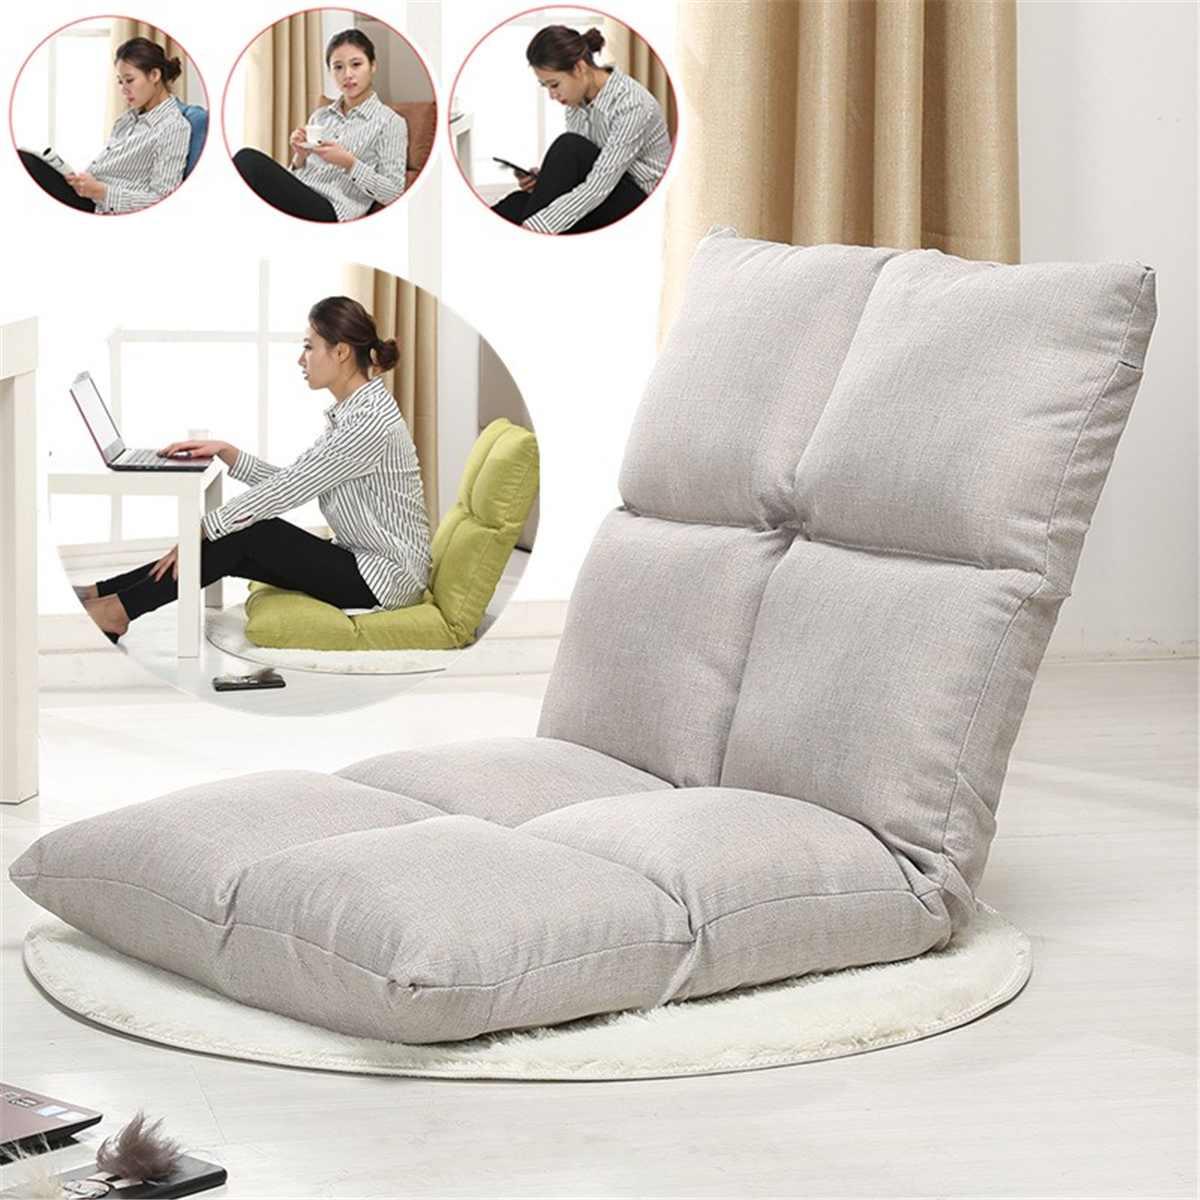 Grand petit canapé paresseux Tatami lit pliant dos chambre simple petit lit chambre balcon Net chaise rouge Pouf canapé bouffant